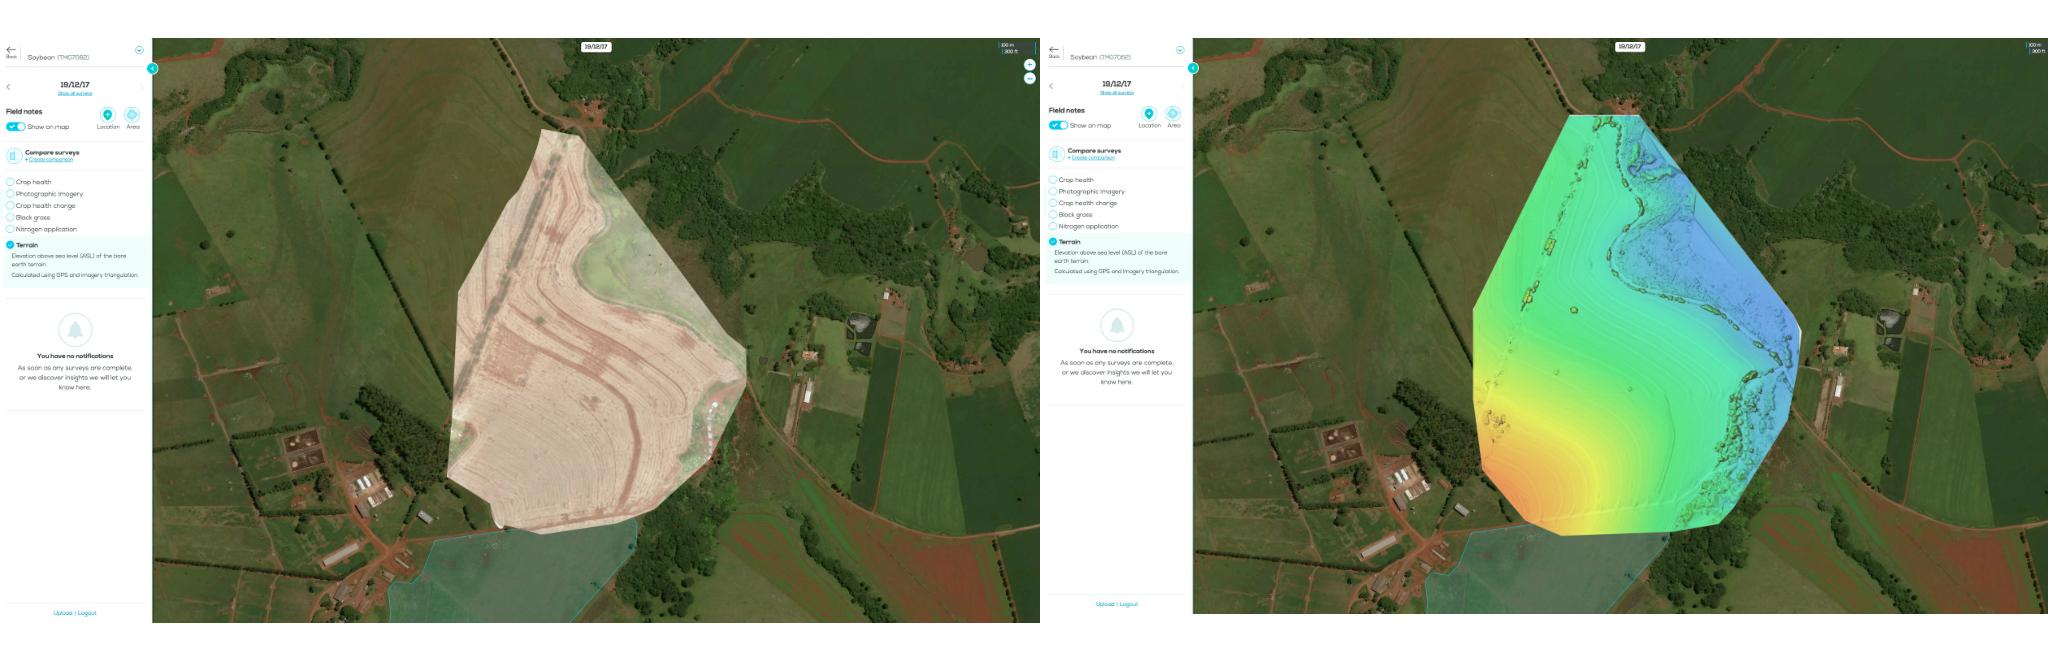 Pix4D Hummingbird RGB Terrain